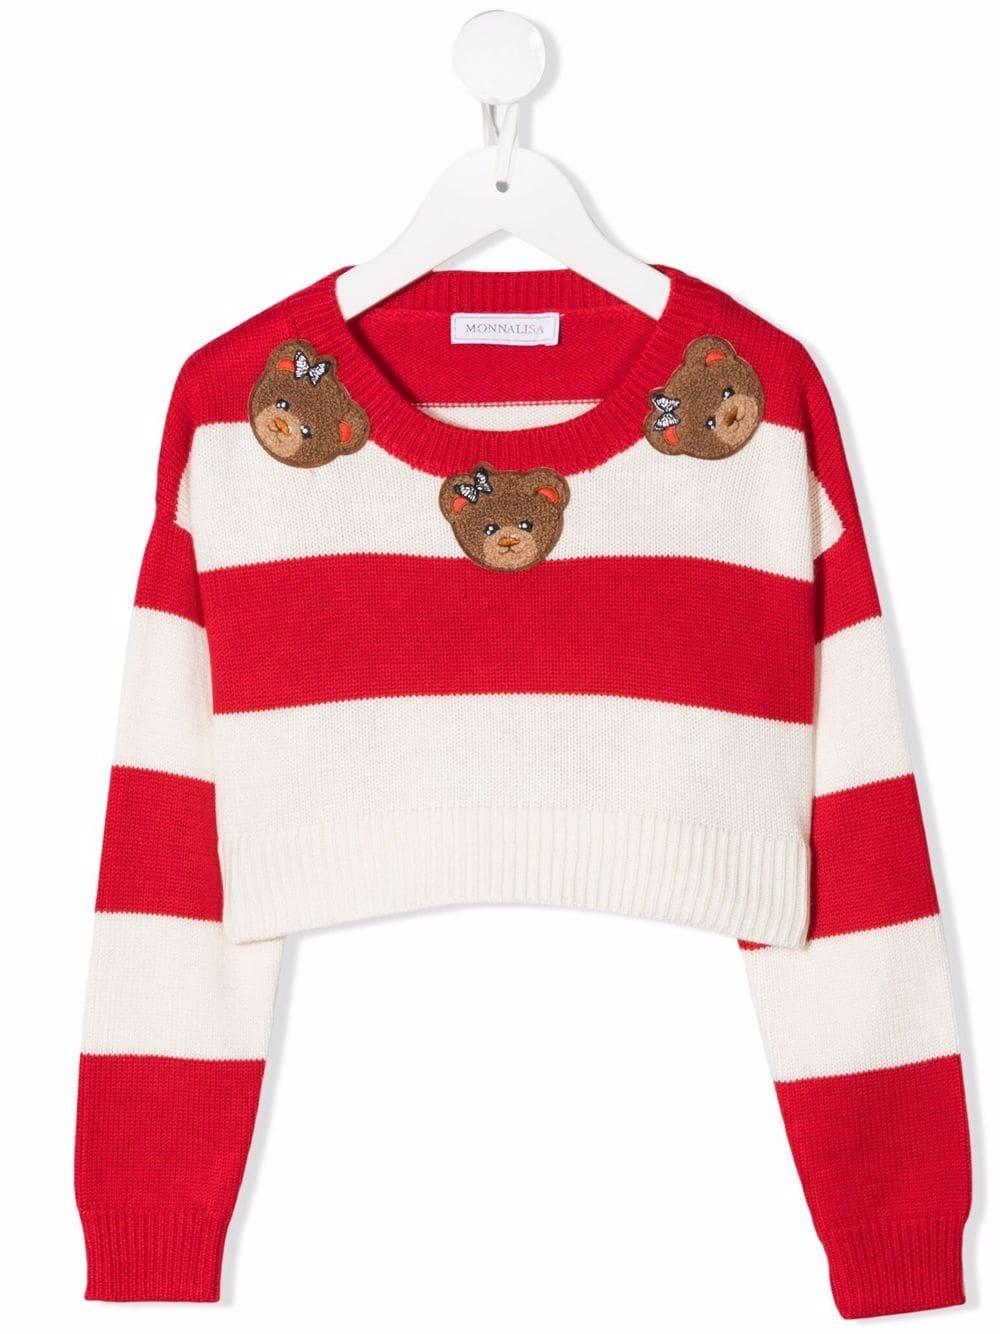 Sweater Monnalisa MONNALISA | 1 | 198614AO80600143